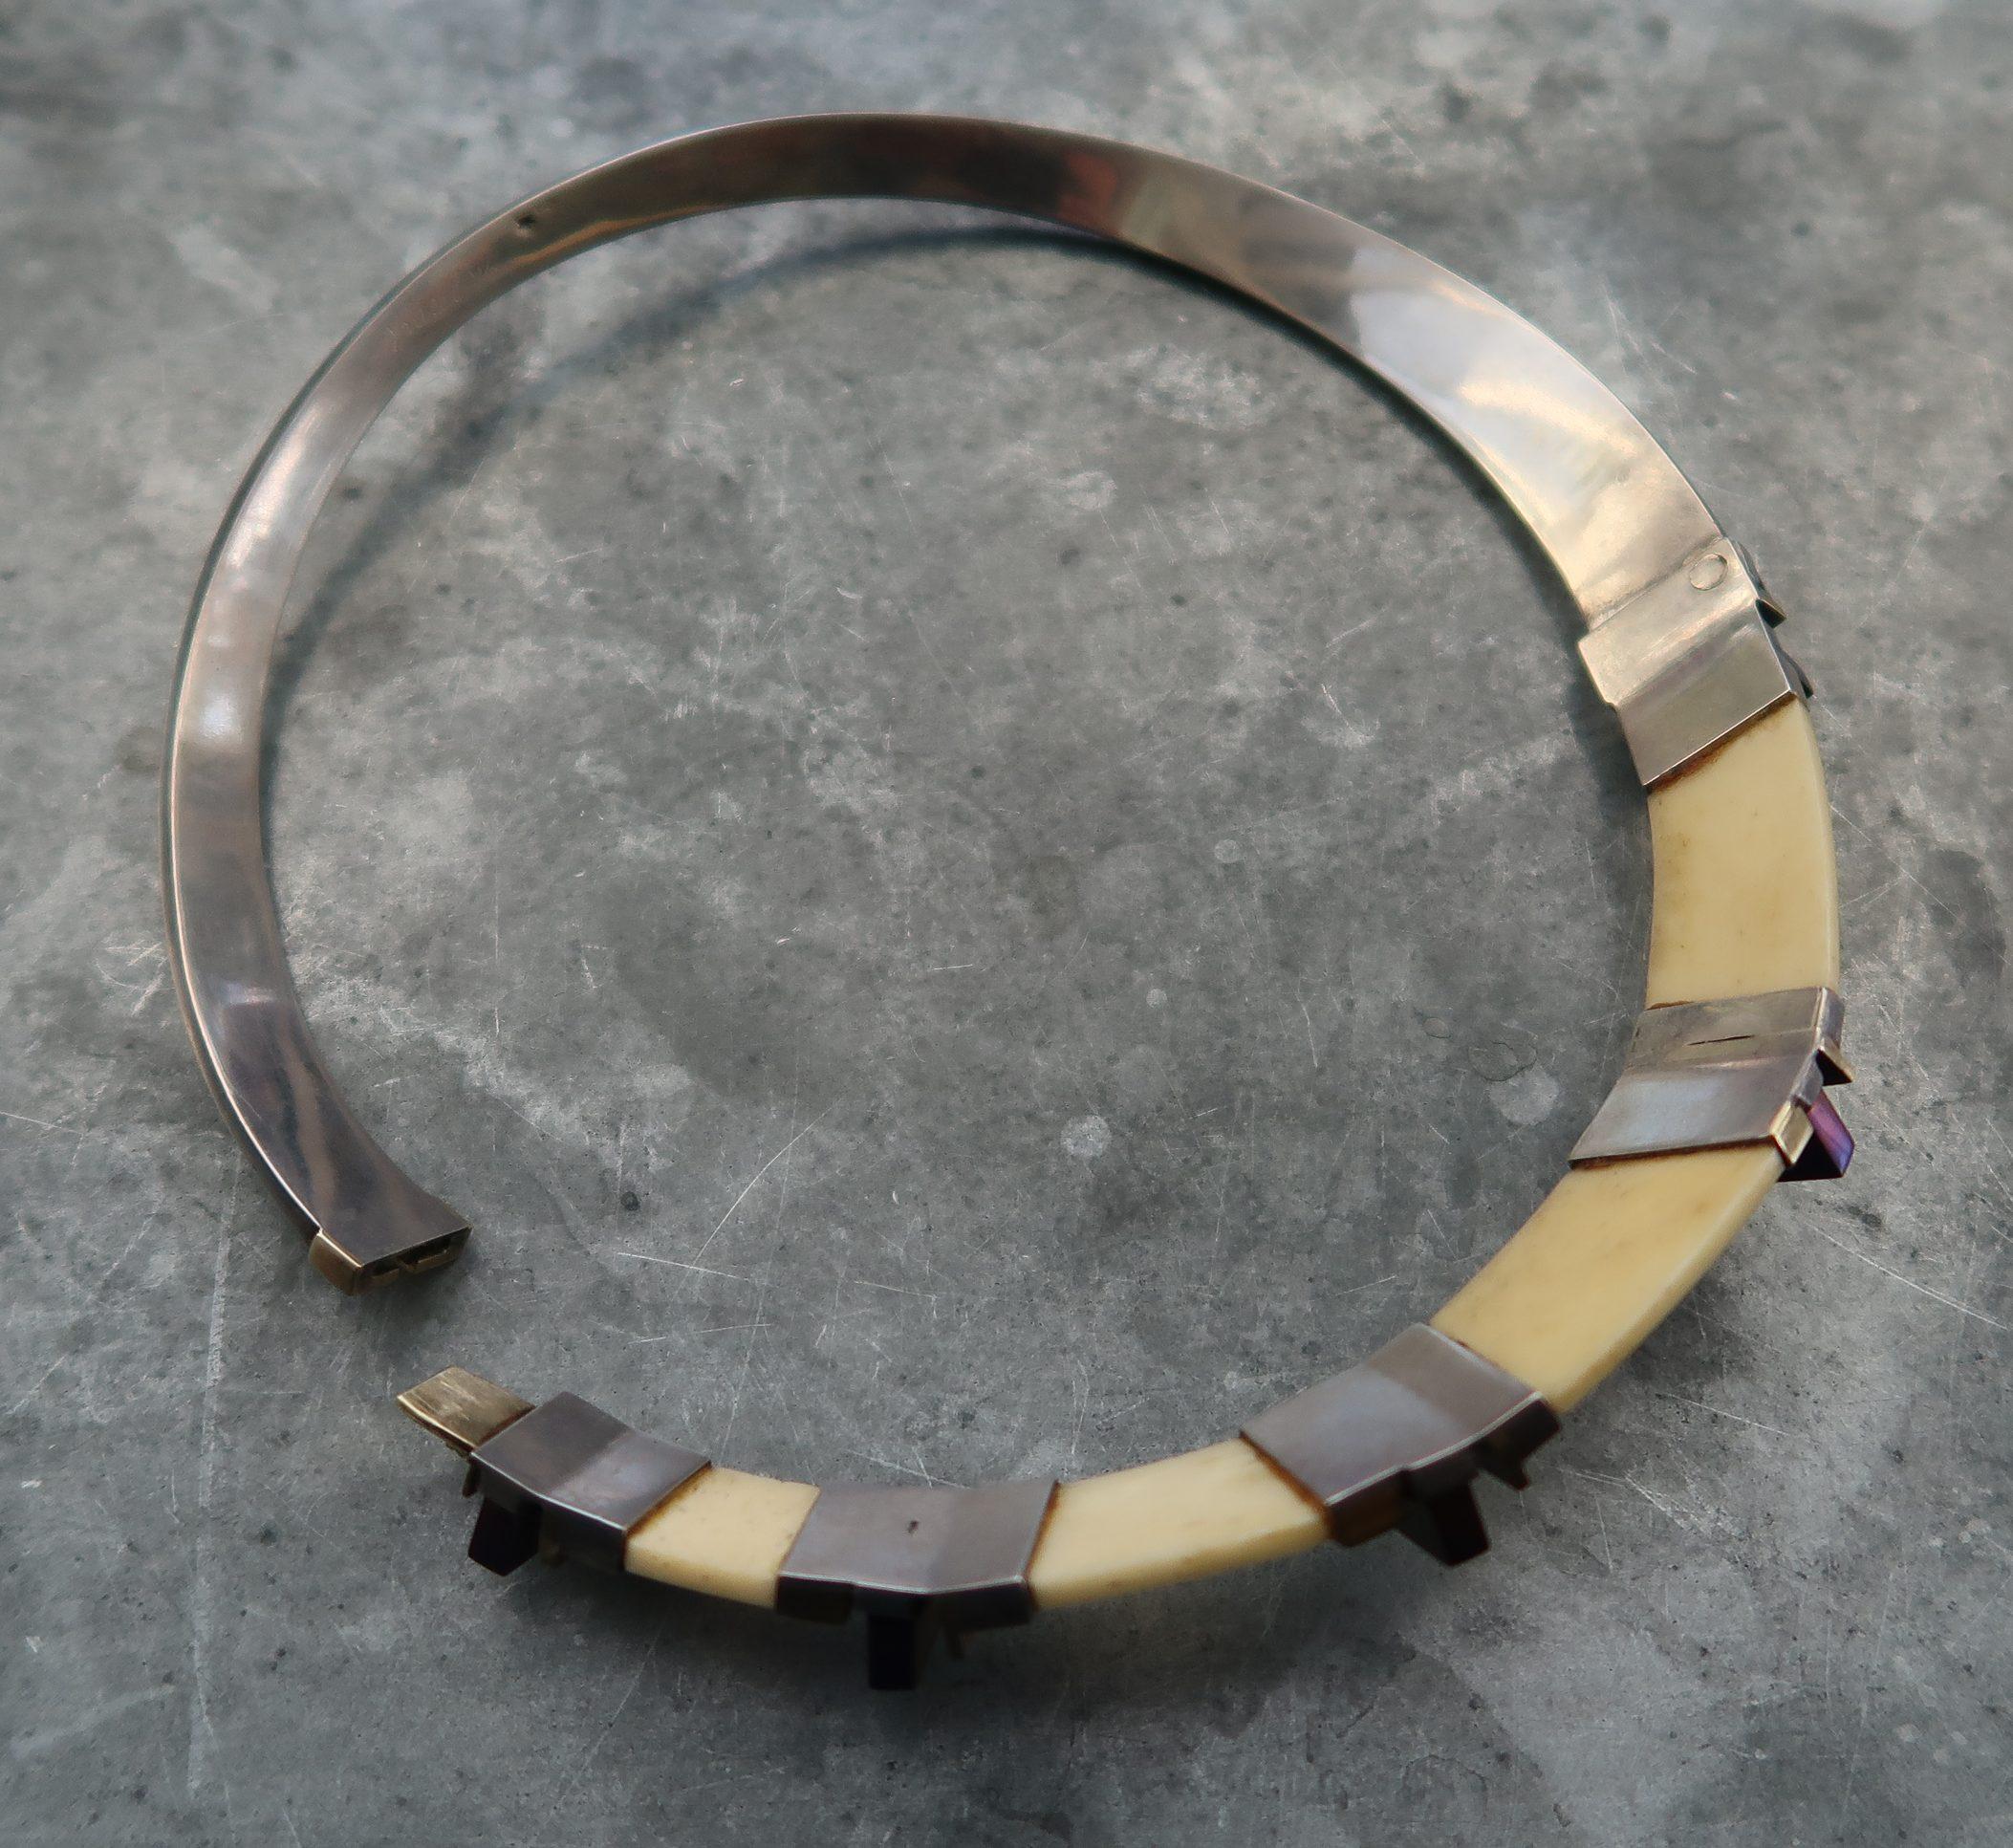 Karel Niehorster, halssieraad, 1976, achterzijde. Particuliere collectie. Foto Coert Peter Krabbe, goud, zilver, titanium, ivoor